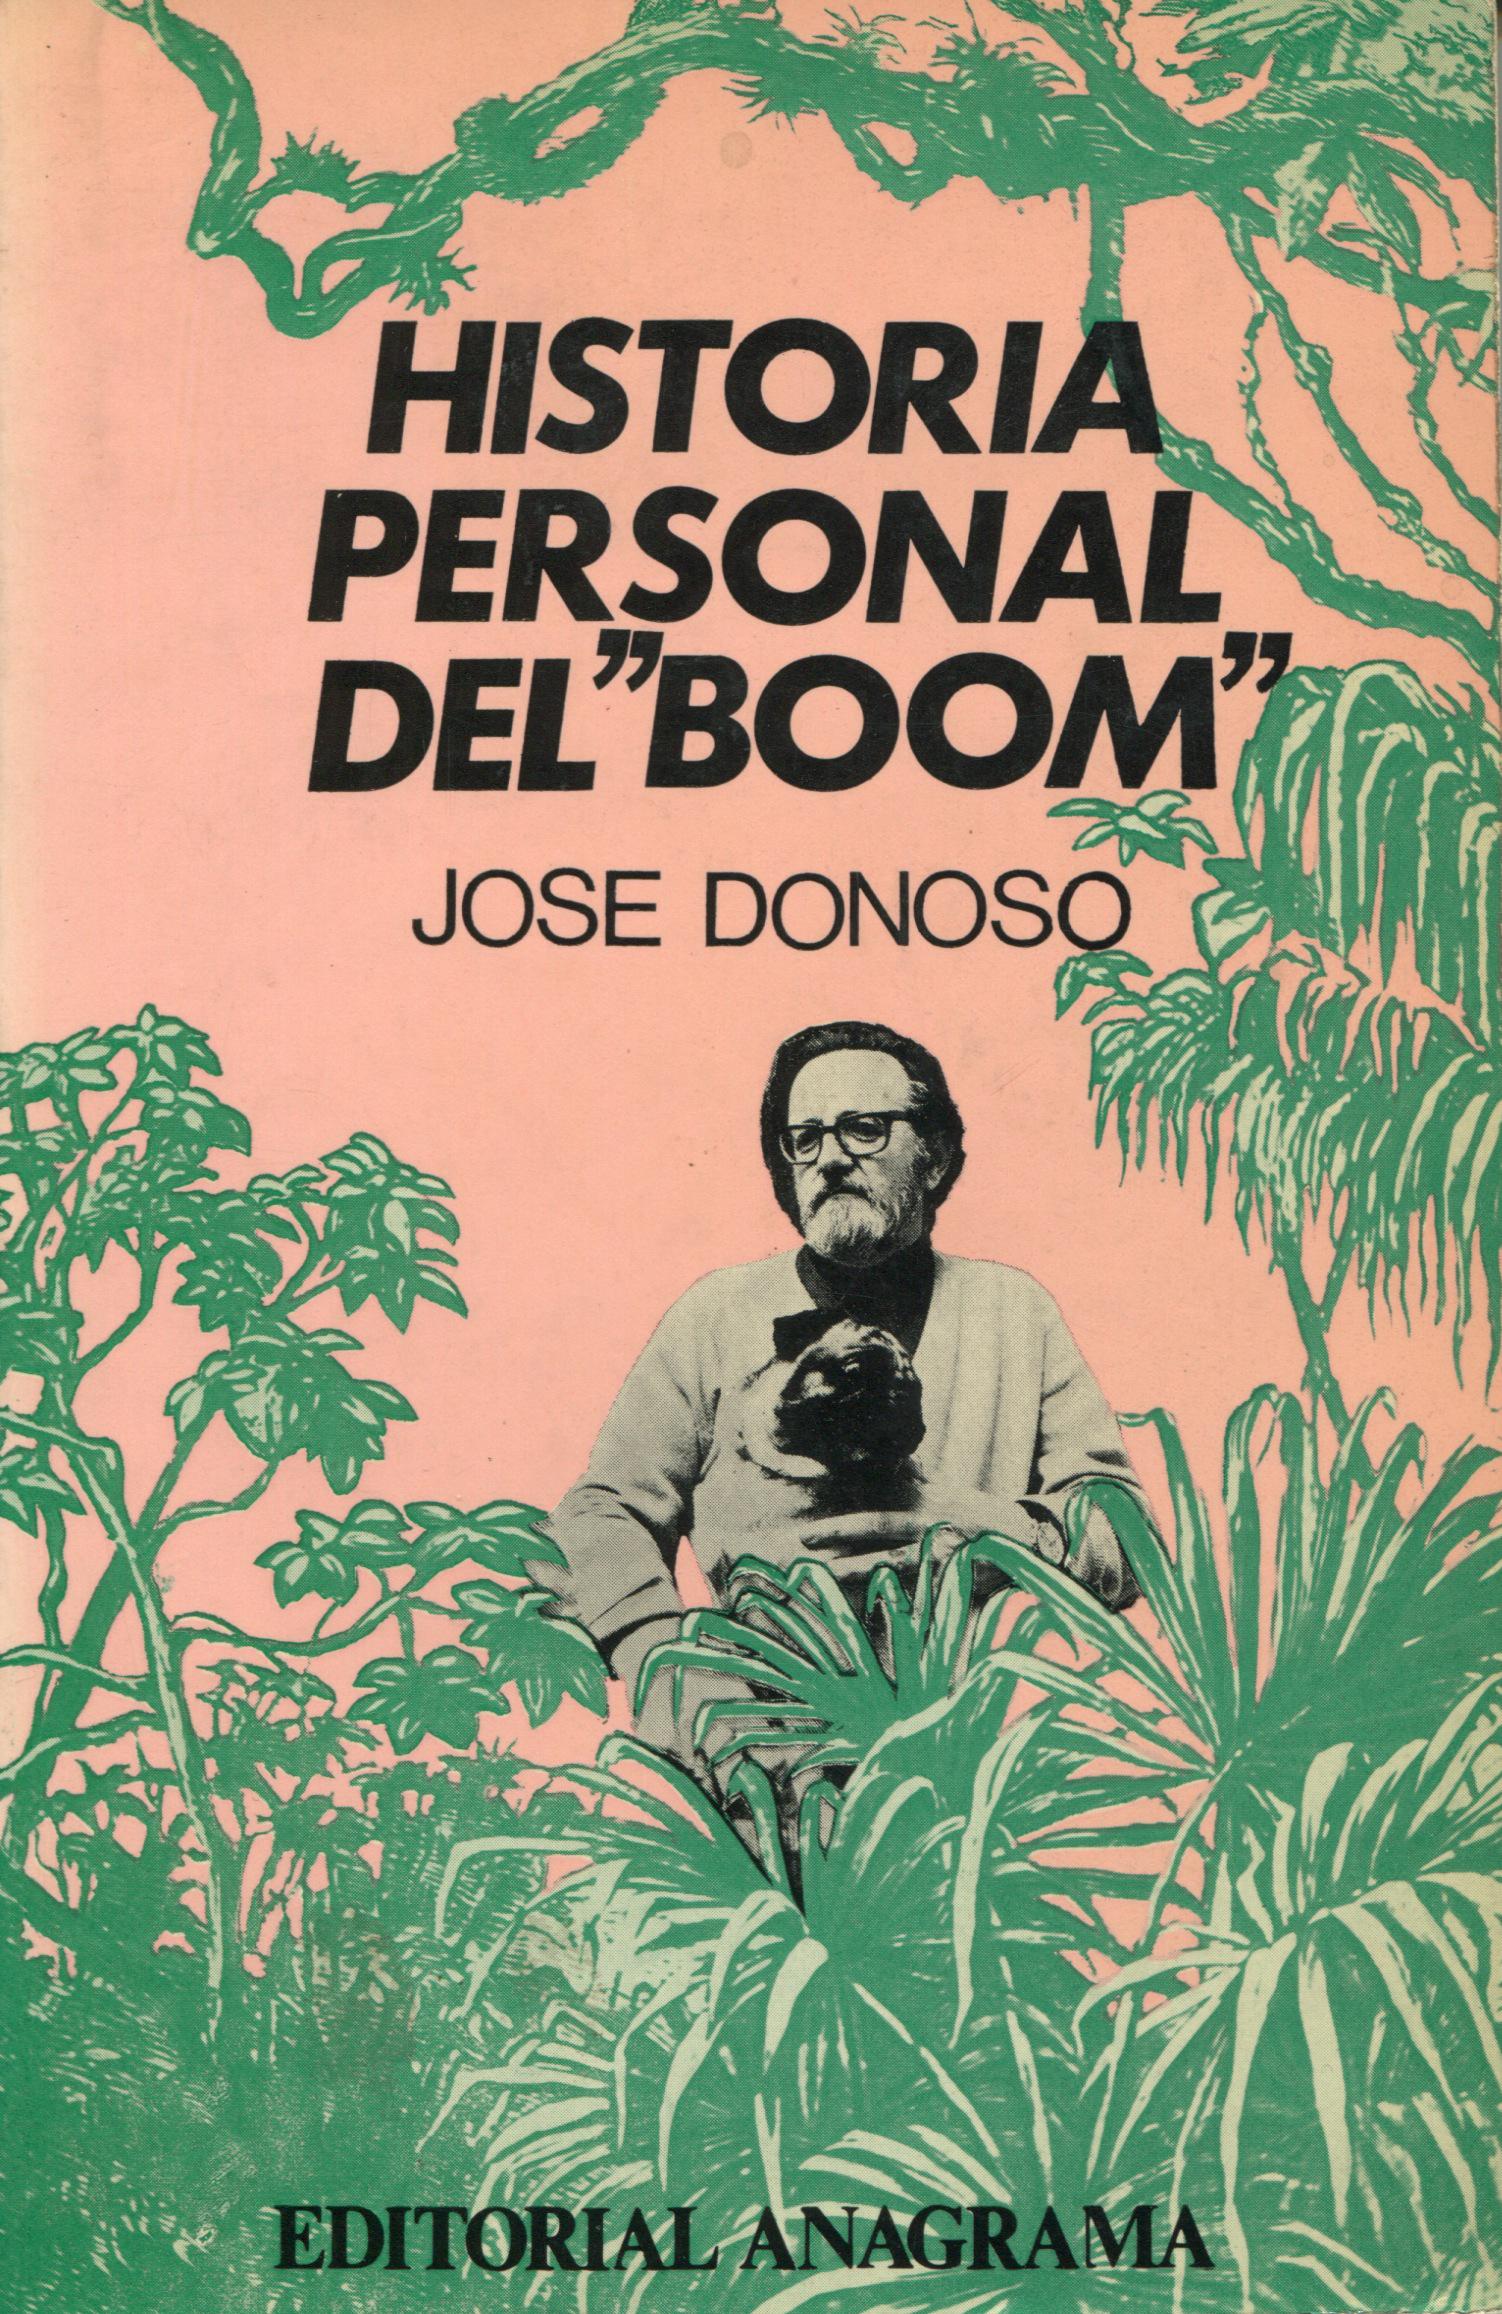 Libro El Lugar Sin Limites Jose Donoso Ebook Download